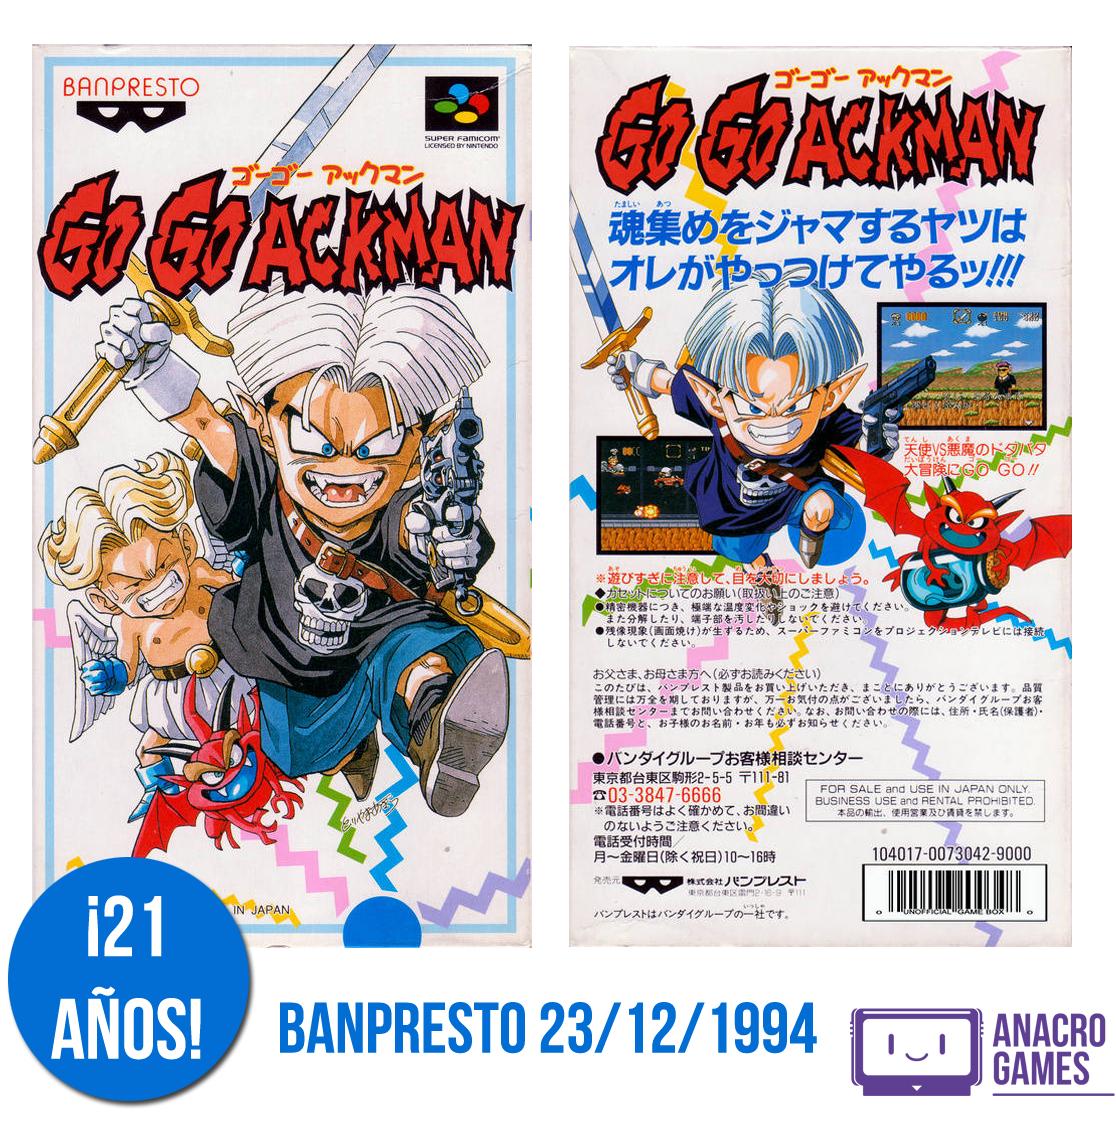 23/12/1994. Banpresto adaptó el manga creado por Akira Toriyama en un juego divertidísimo de acción, plataformas y mucho humor para Super Famicom, en el que, como no podia ser de otra manera, controlamos al joven demonio Ackman haciendo de las suyas.